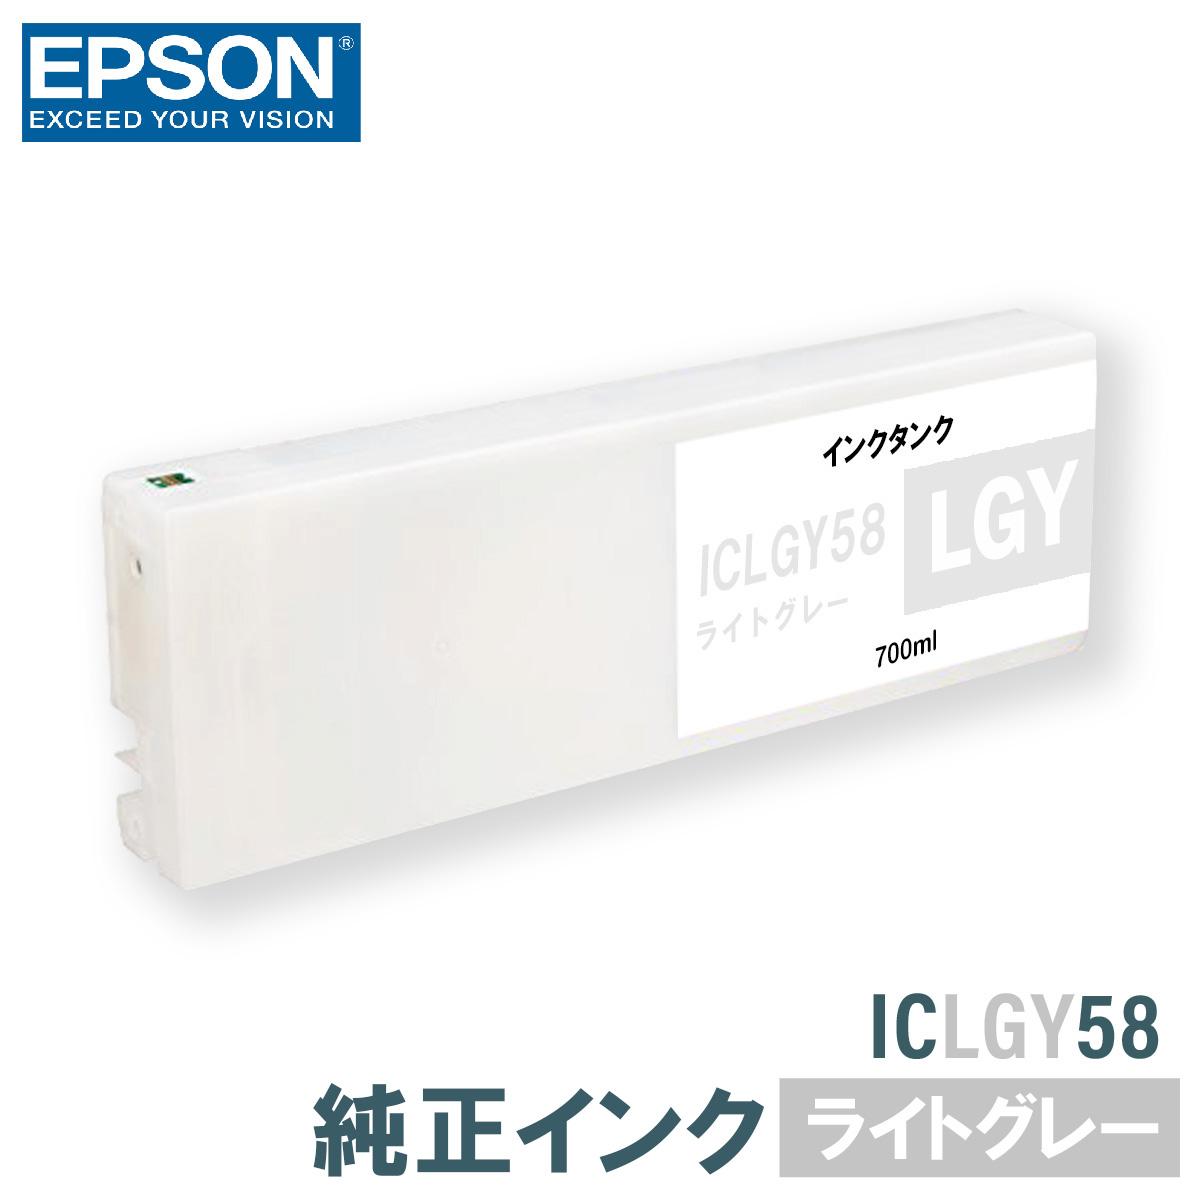 エプソン 純正インク EPSON ICLGY58 ライトグレー 700ml